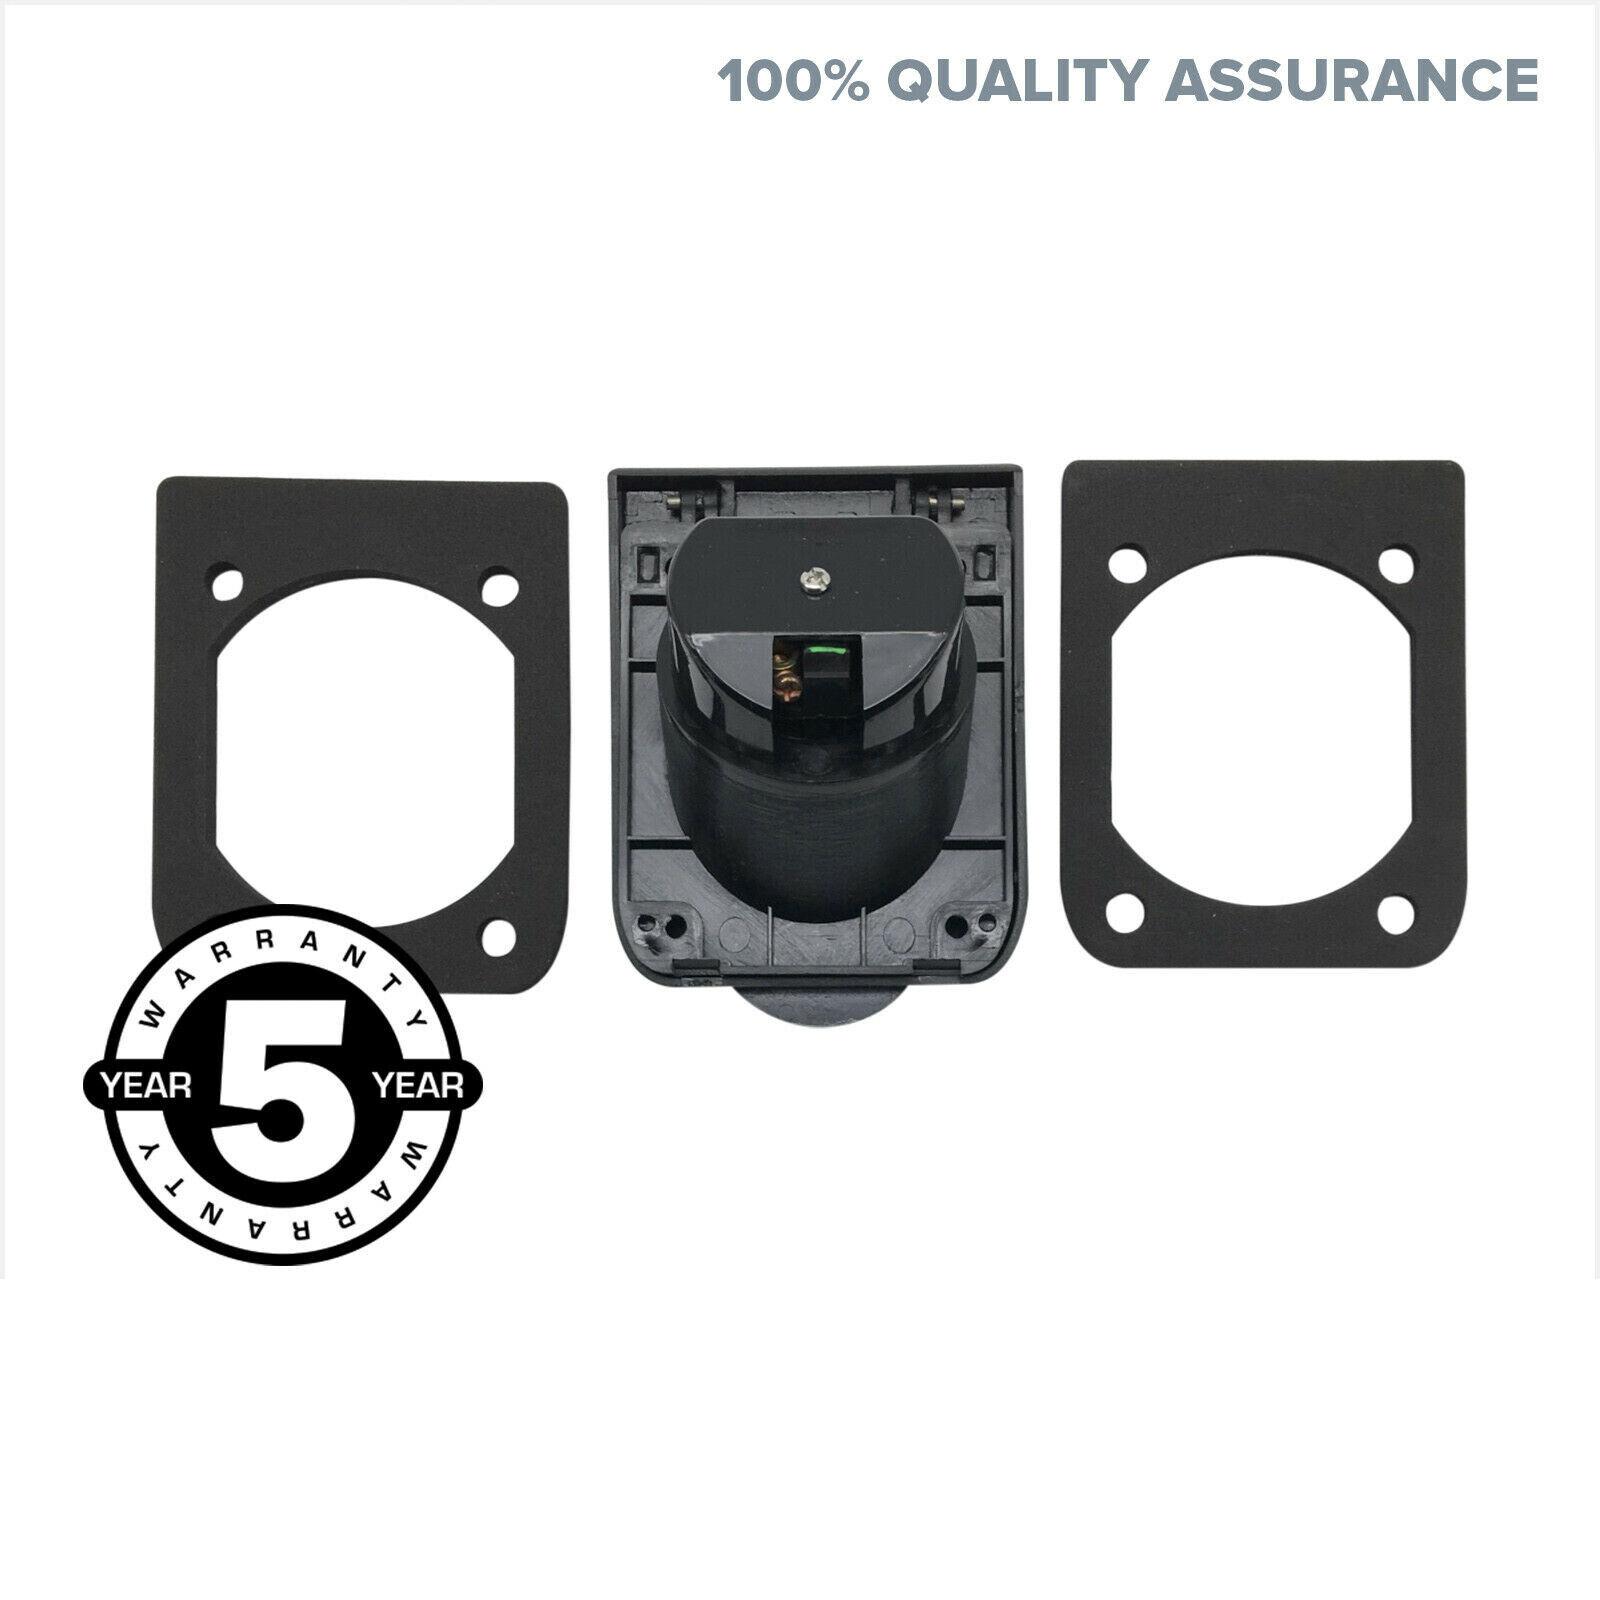 Black 10a Amp 240v Single Power Point Outlet Socket For